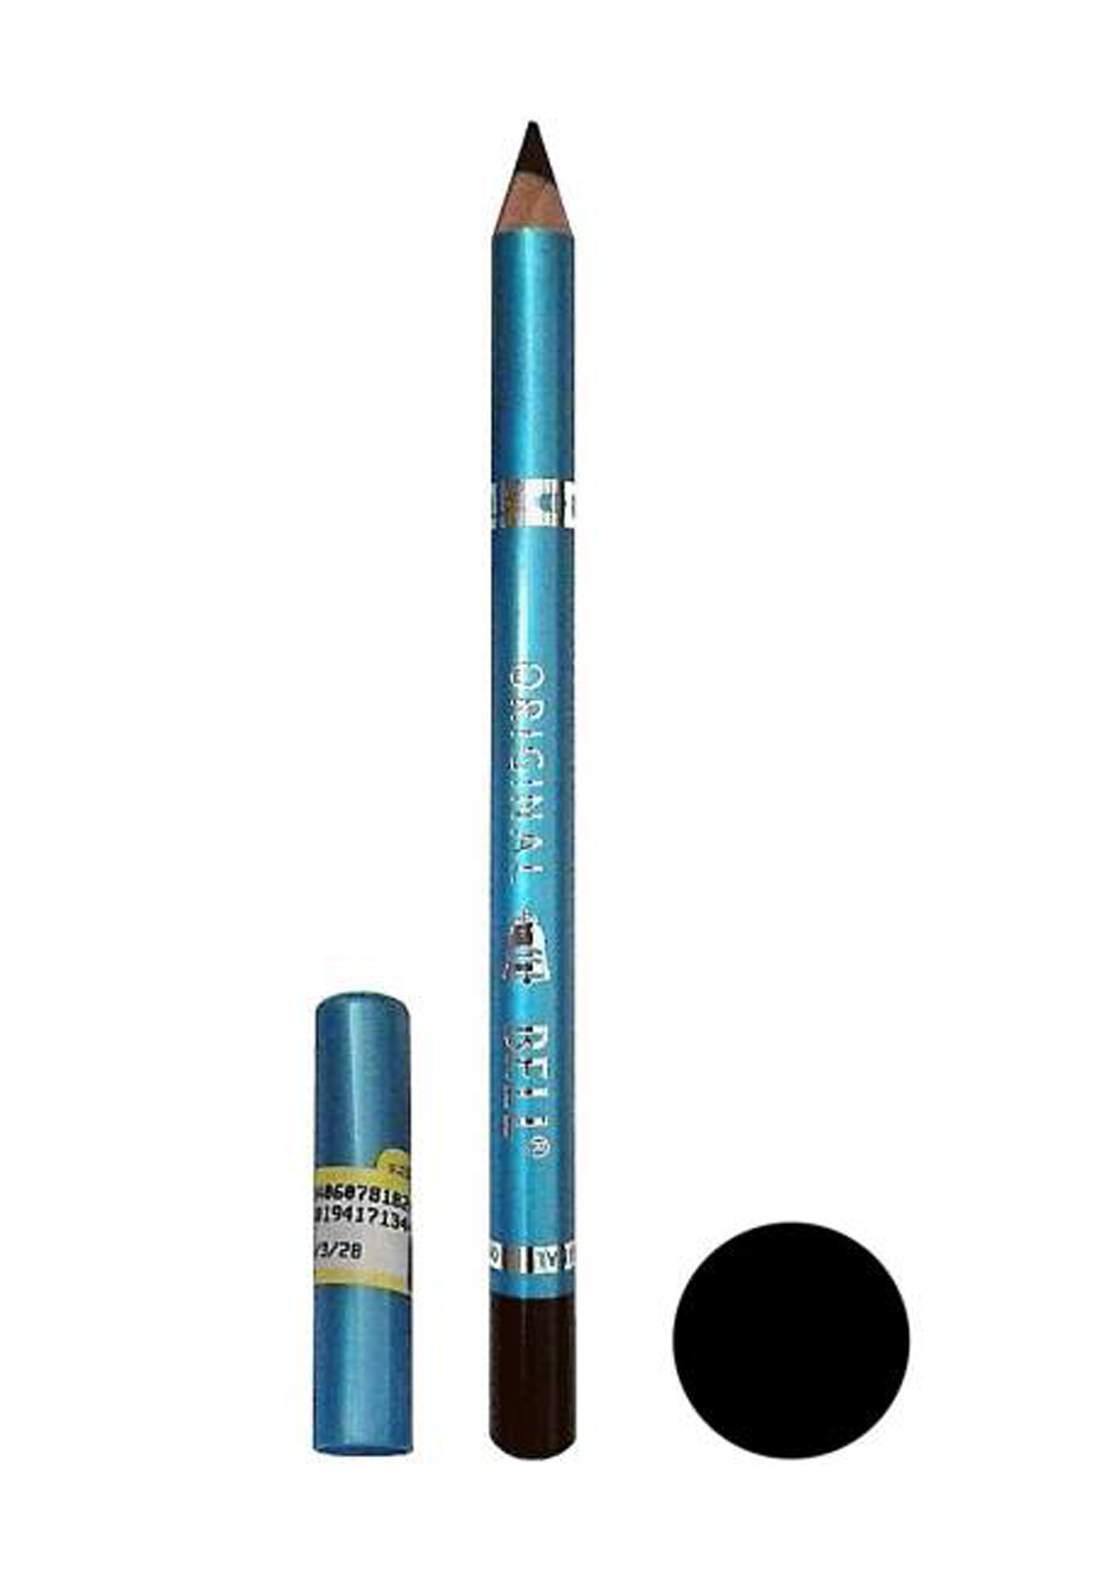 Bell eyeliner pencil waterproof &long lastingقلم تحديد العيون